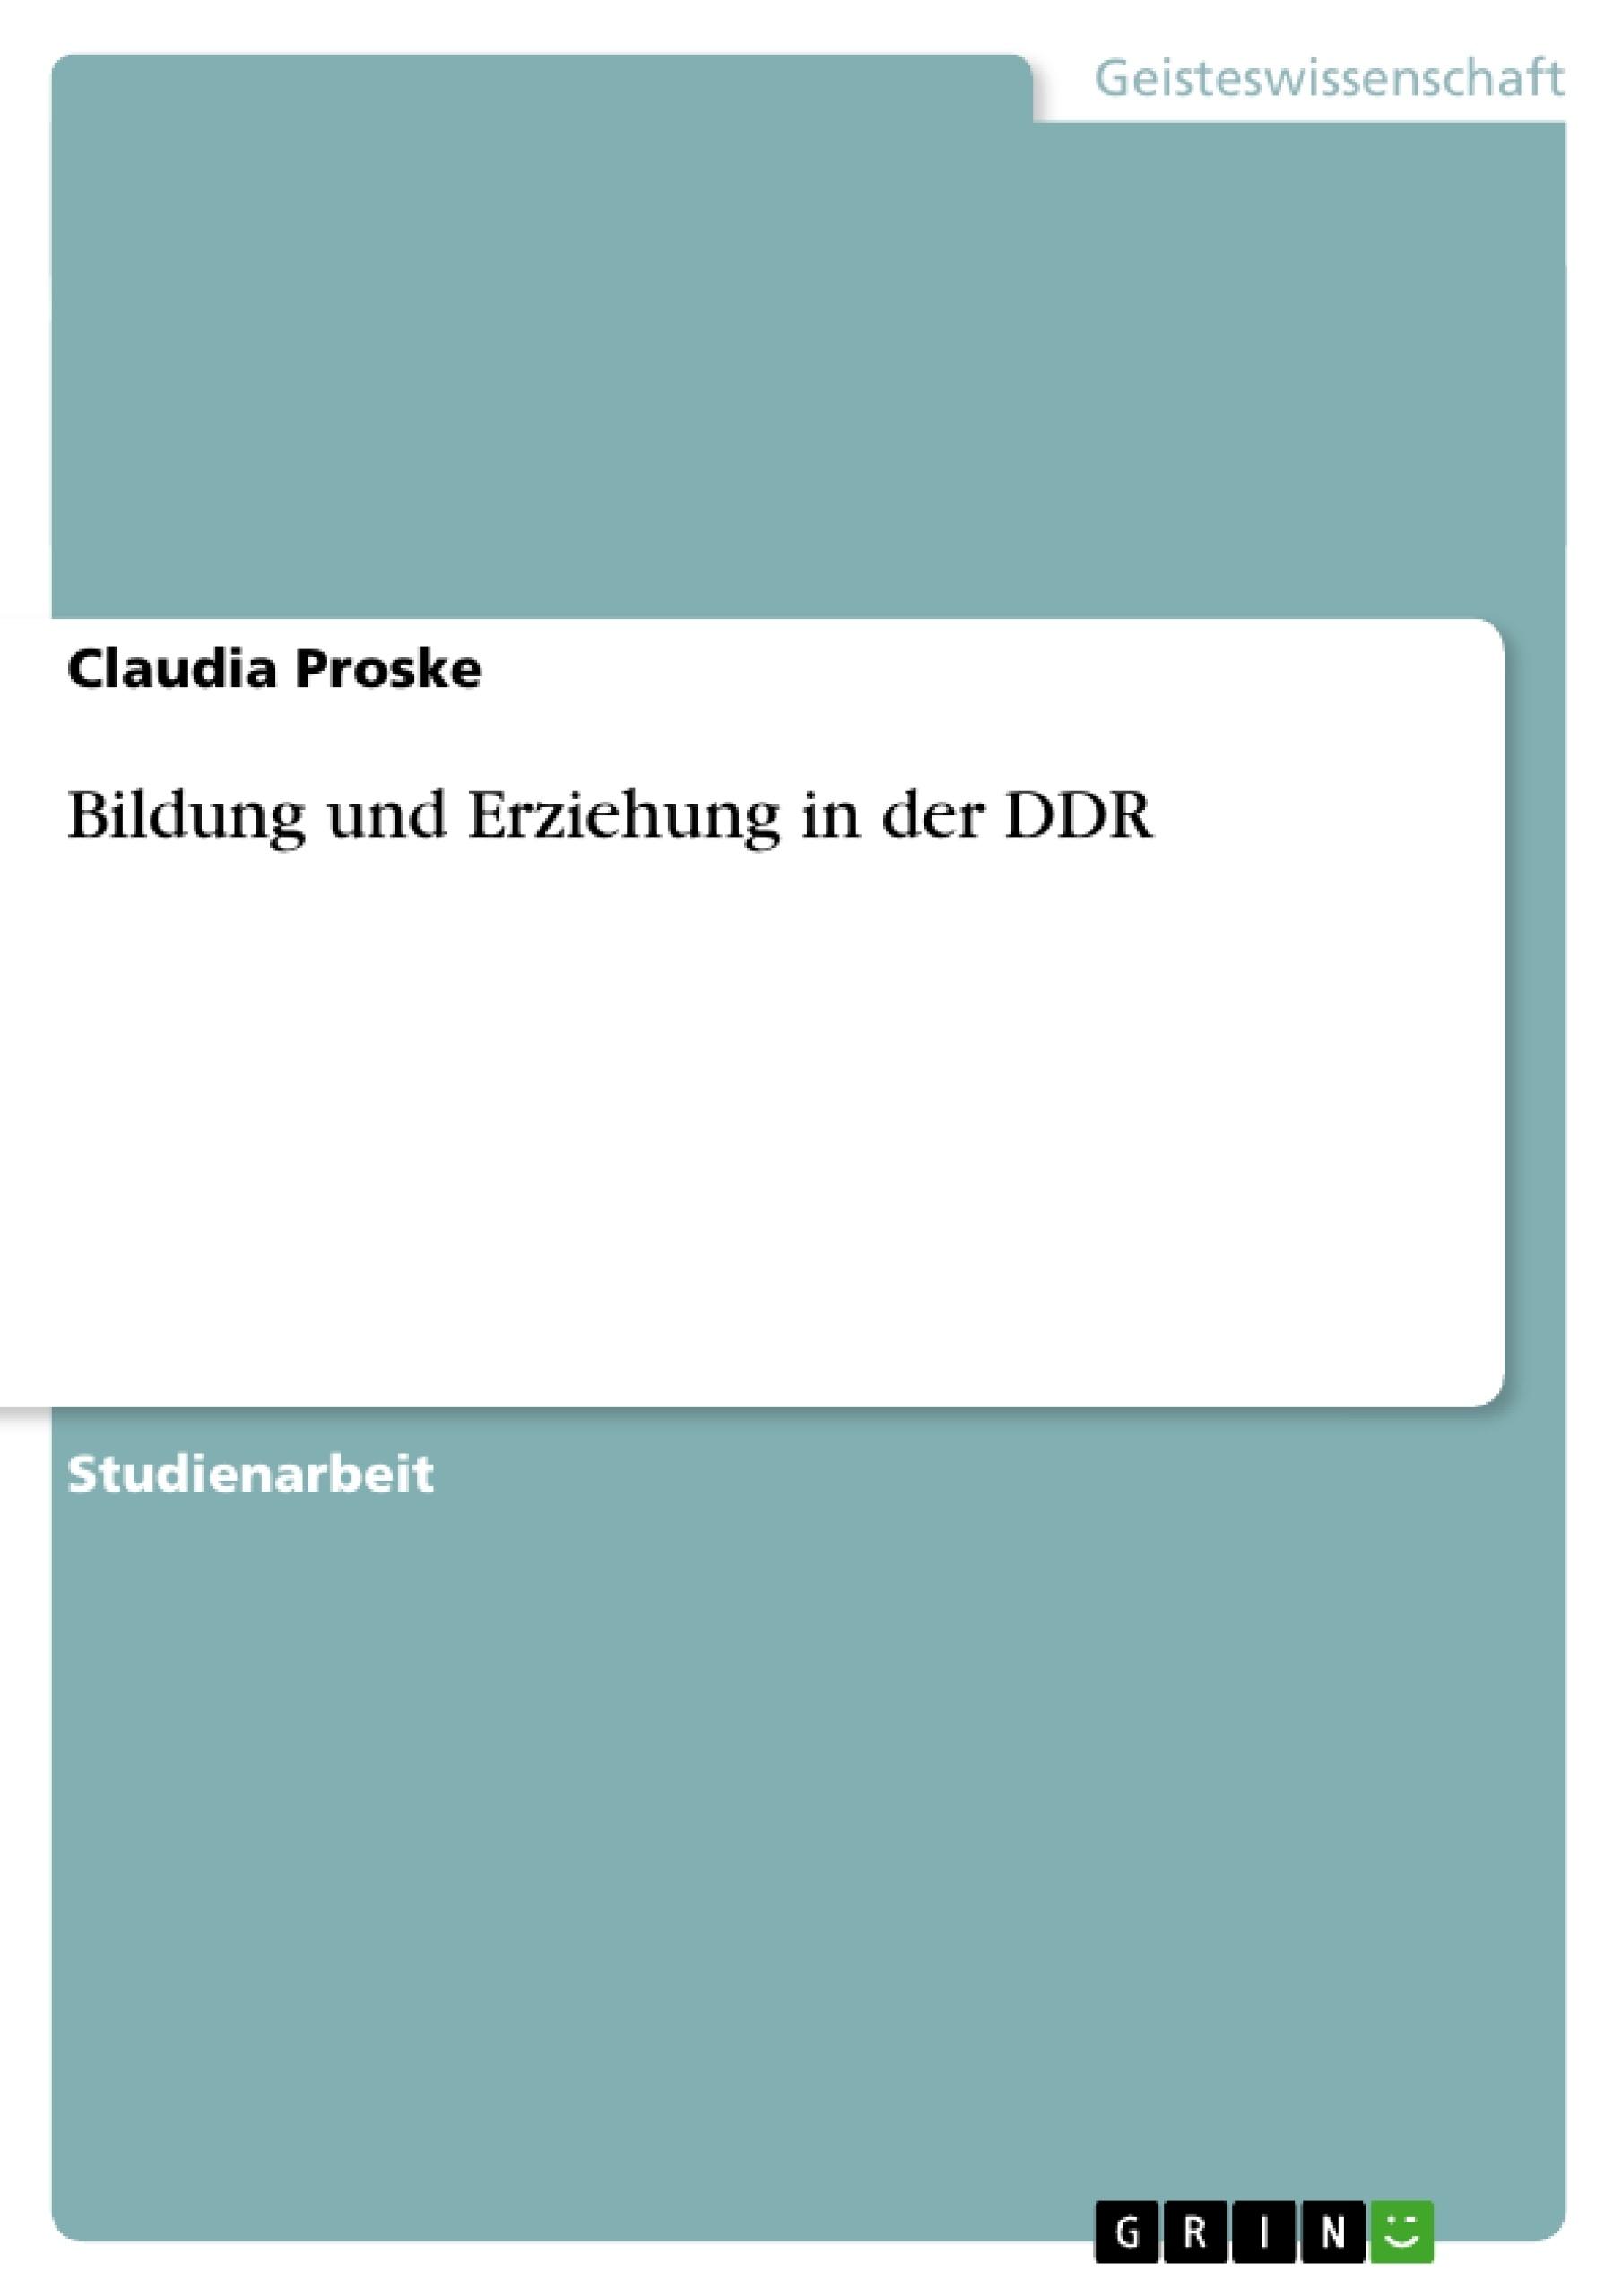 Titel: Bildung und Erziehung in der DDR